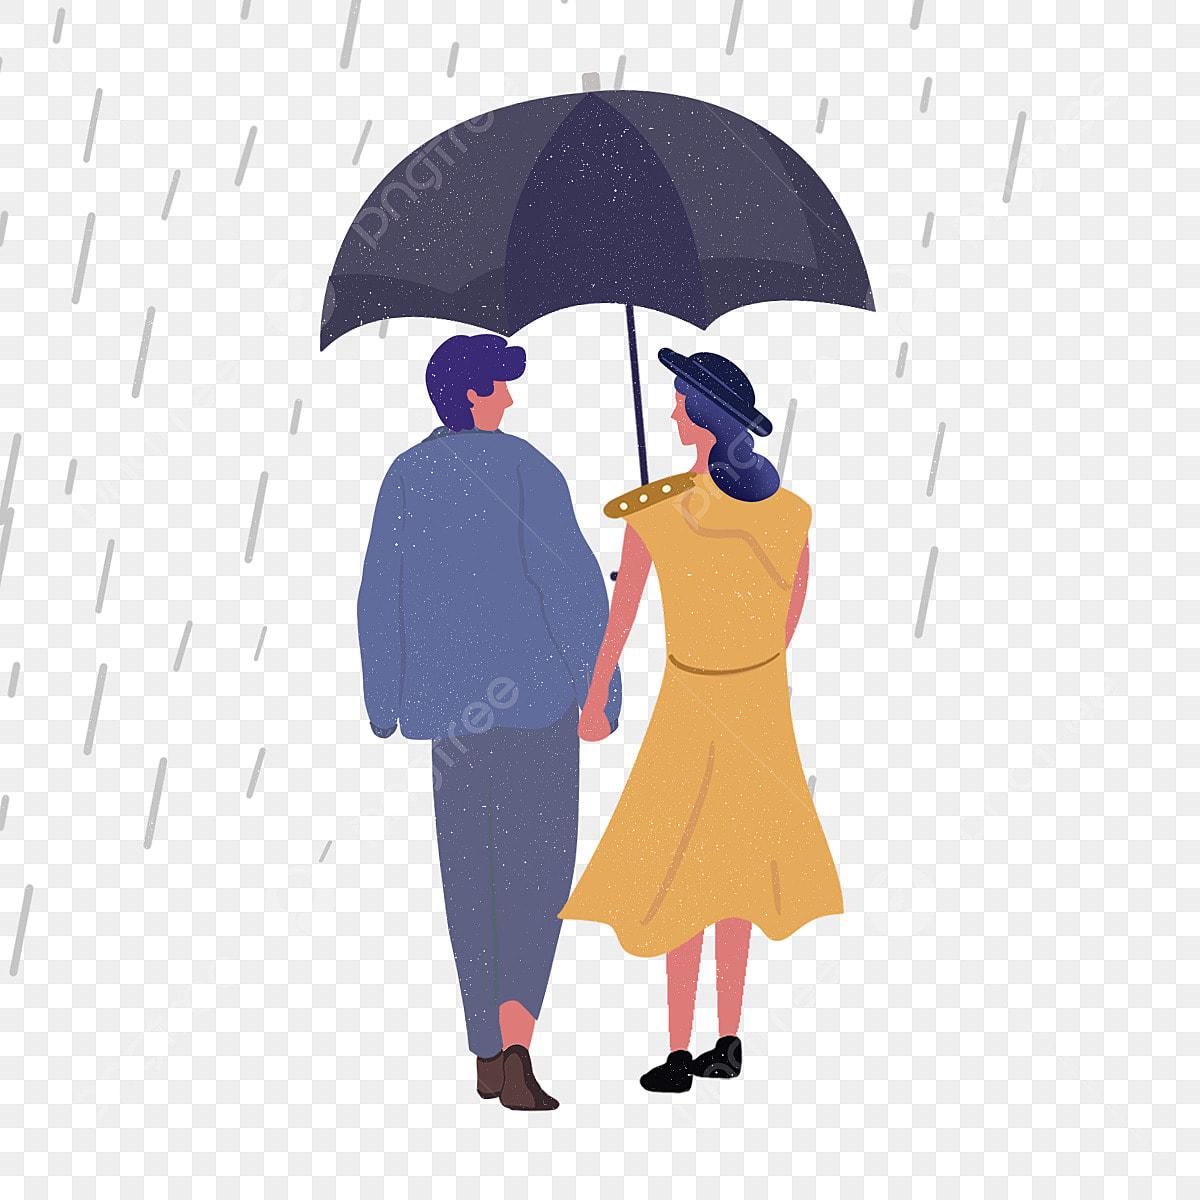 背面図カップル再生傘イラスト 夫婦 シルエット 雨画像とpsd素材ファイルの無料ダウンロード Pngtree